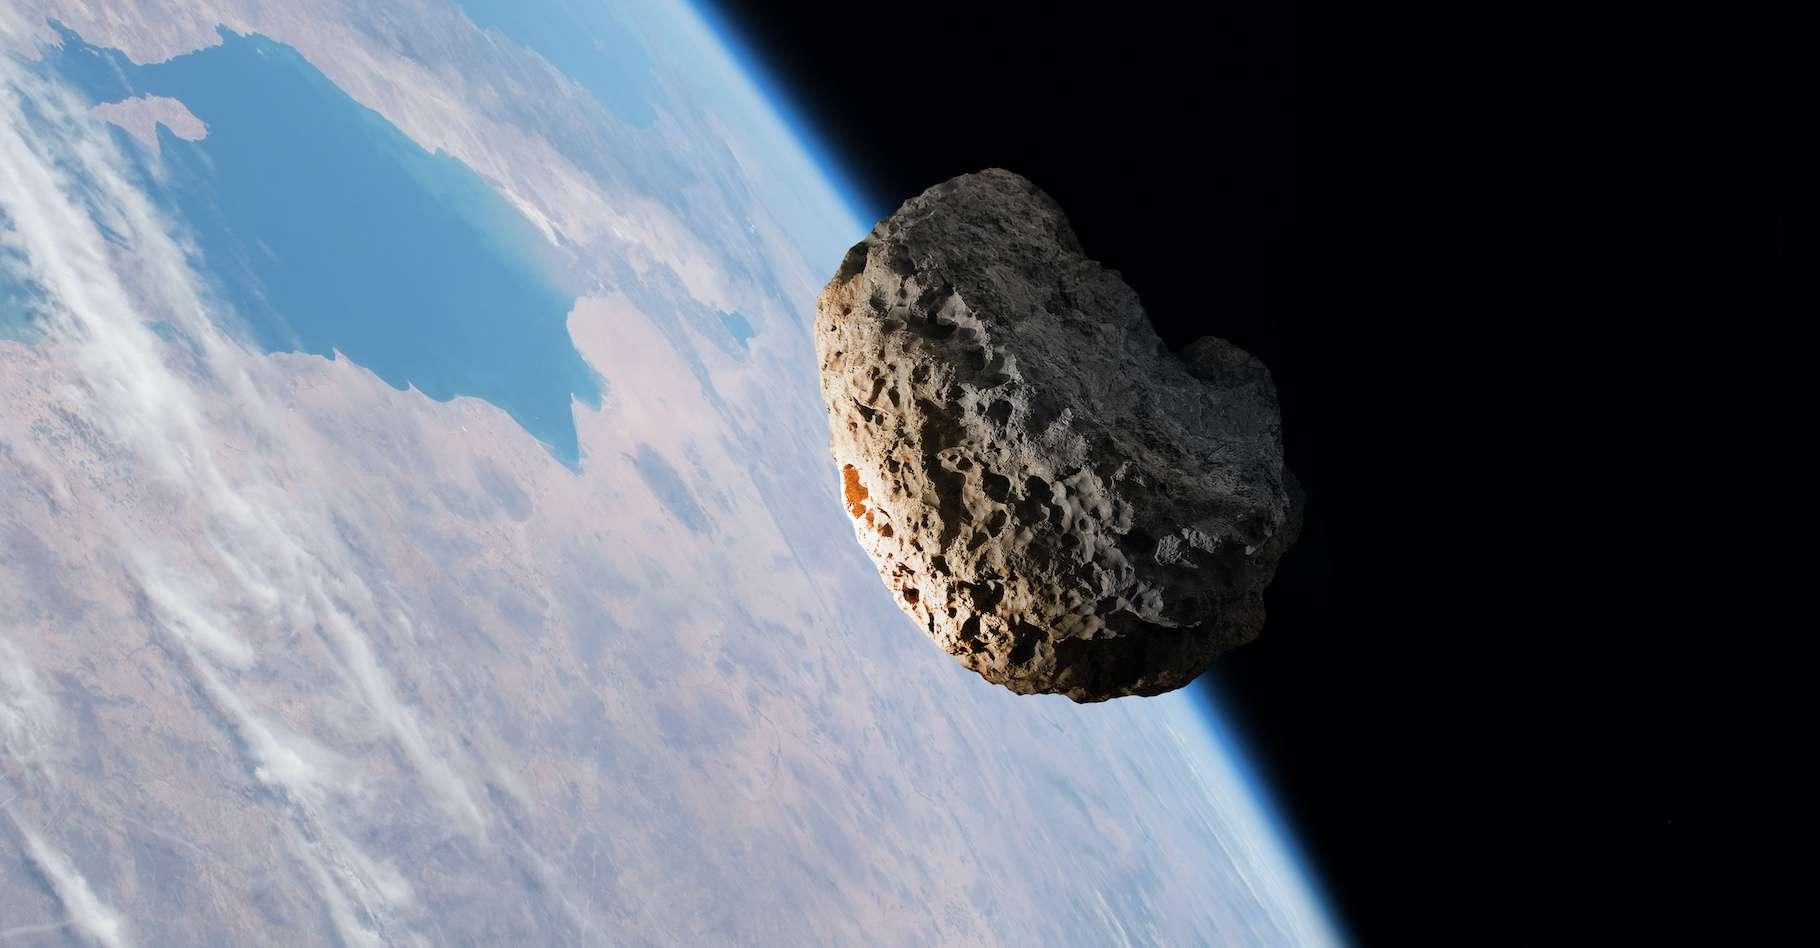 Le Catalina Sky Survey a découvert une nouvelle mini-lune de moins de 4 mètres de diamètre. © tangoas, Adobe Stock